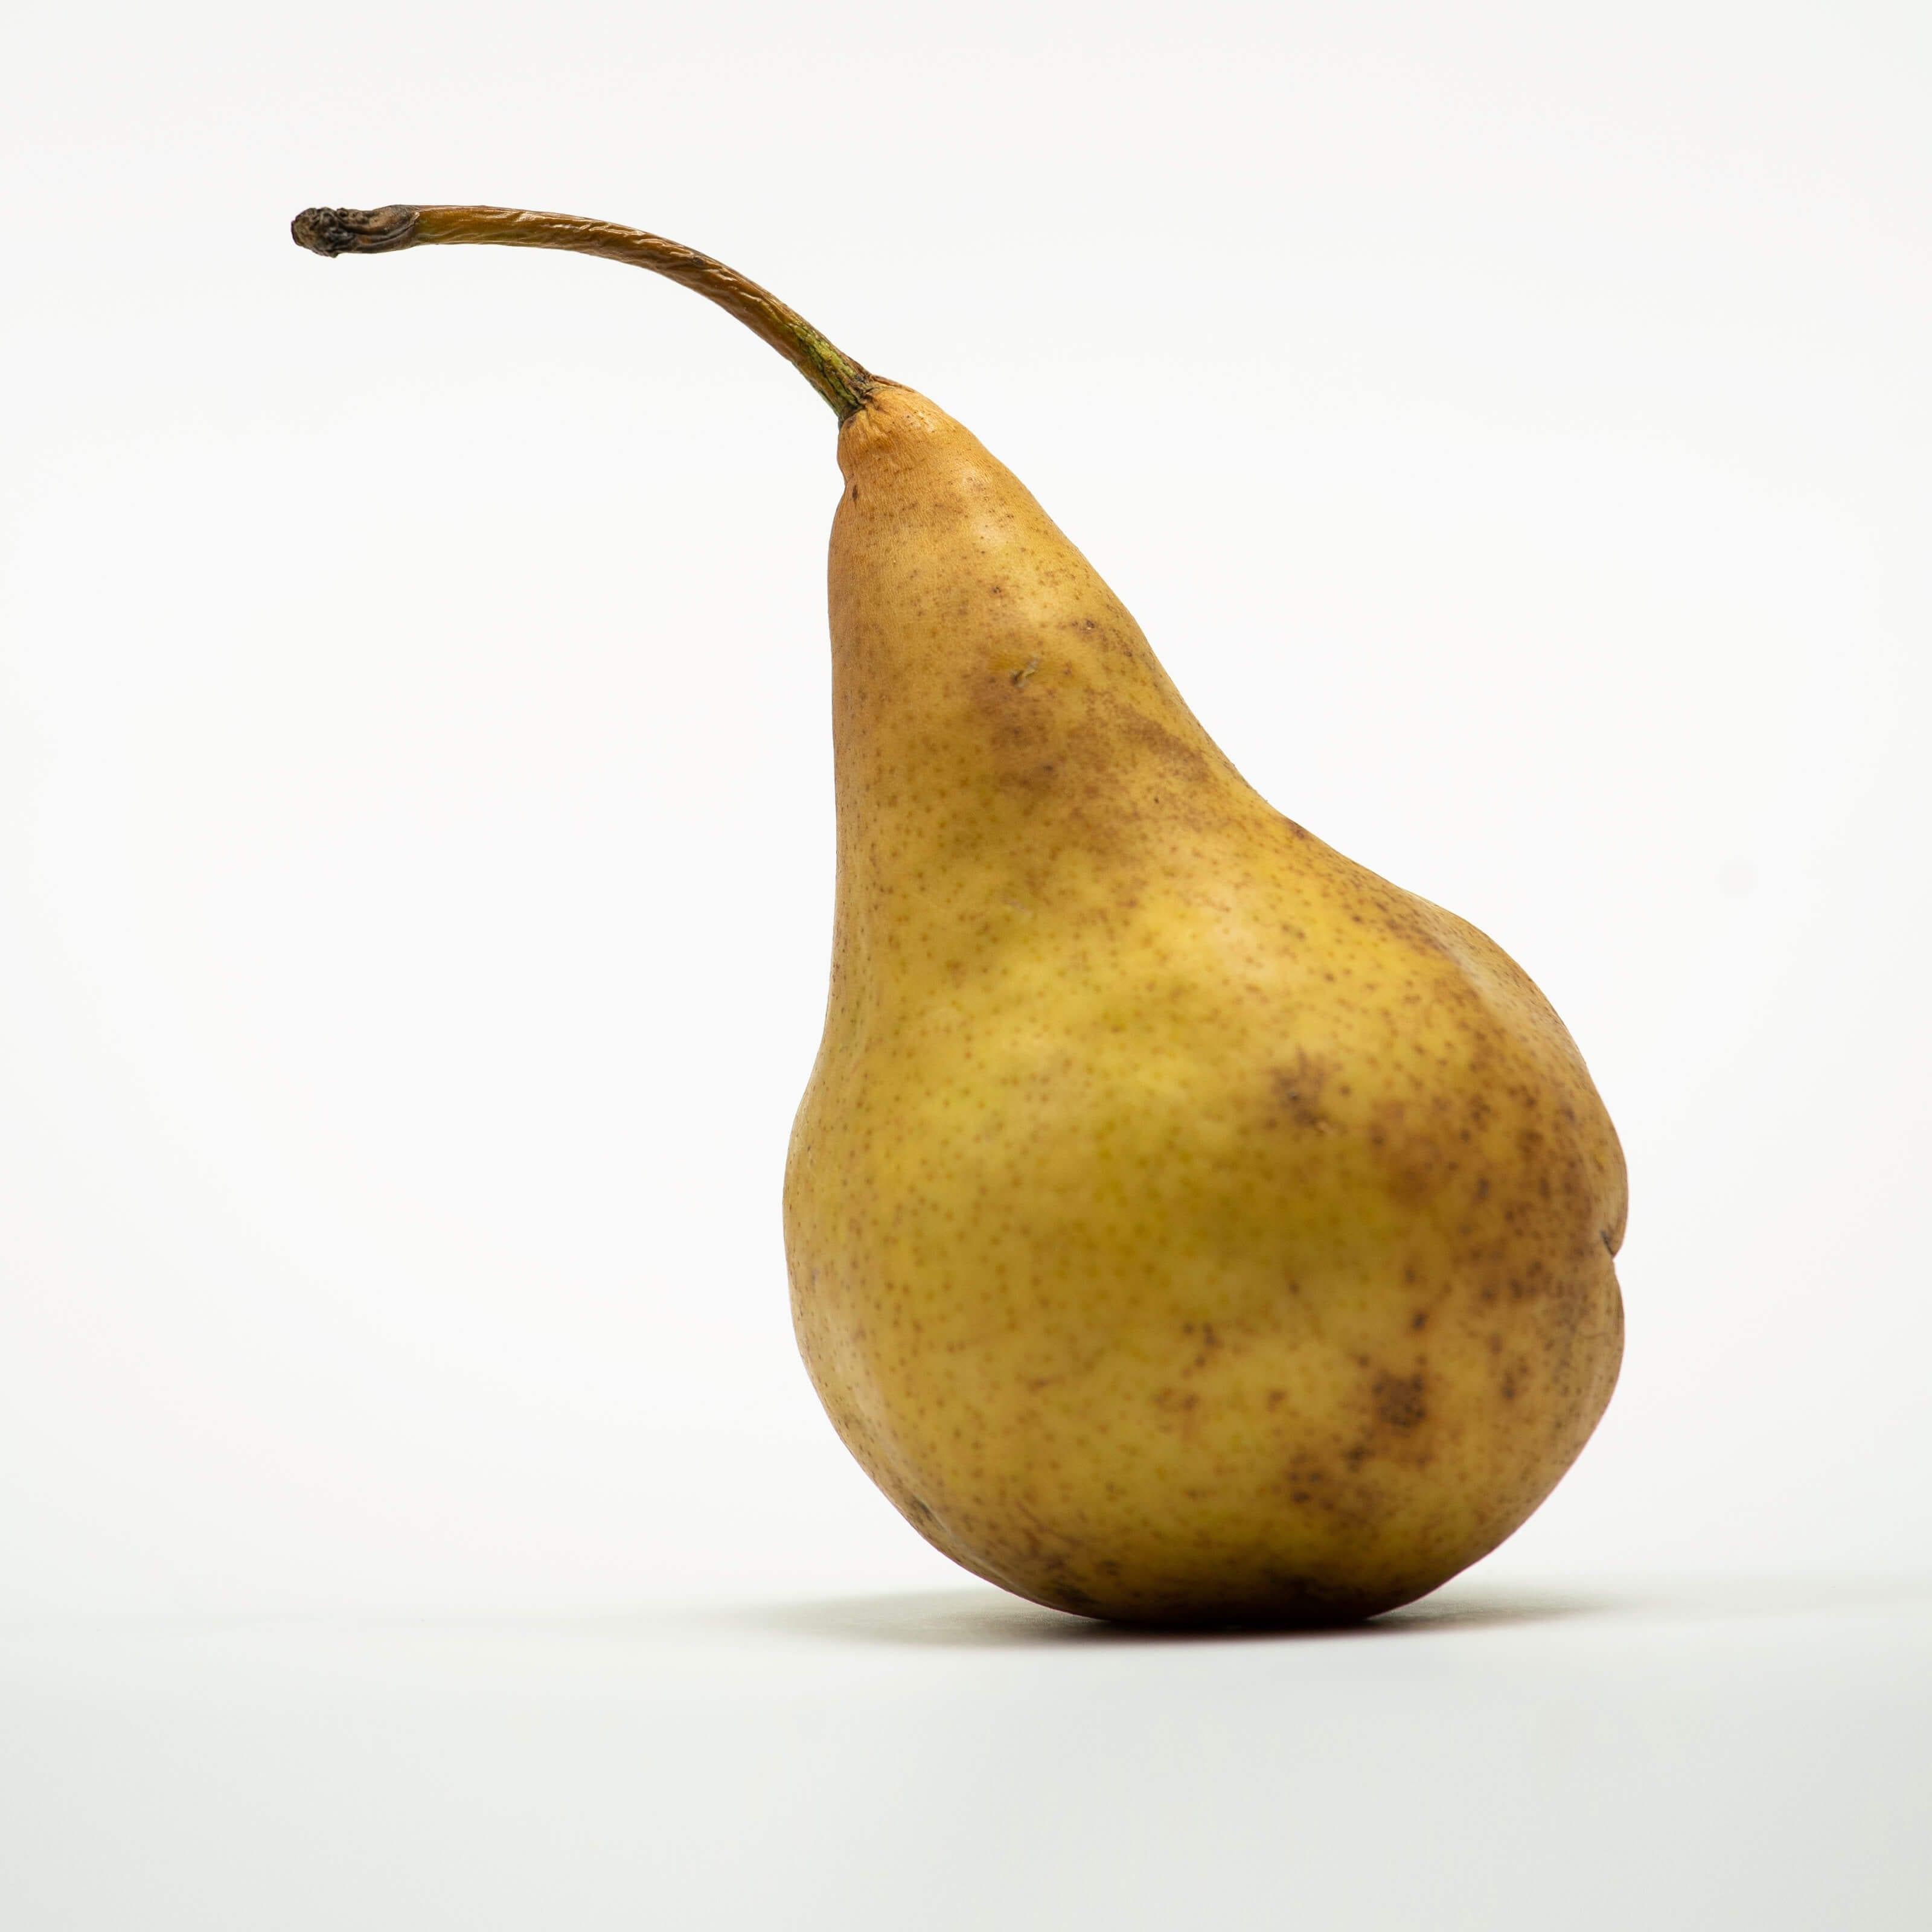 bruised pear